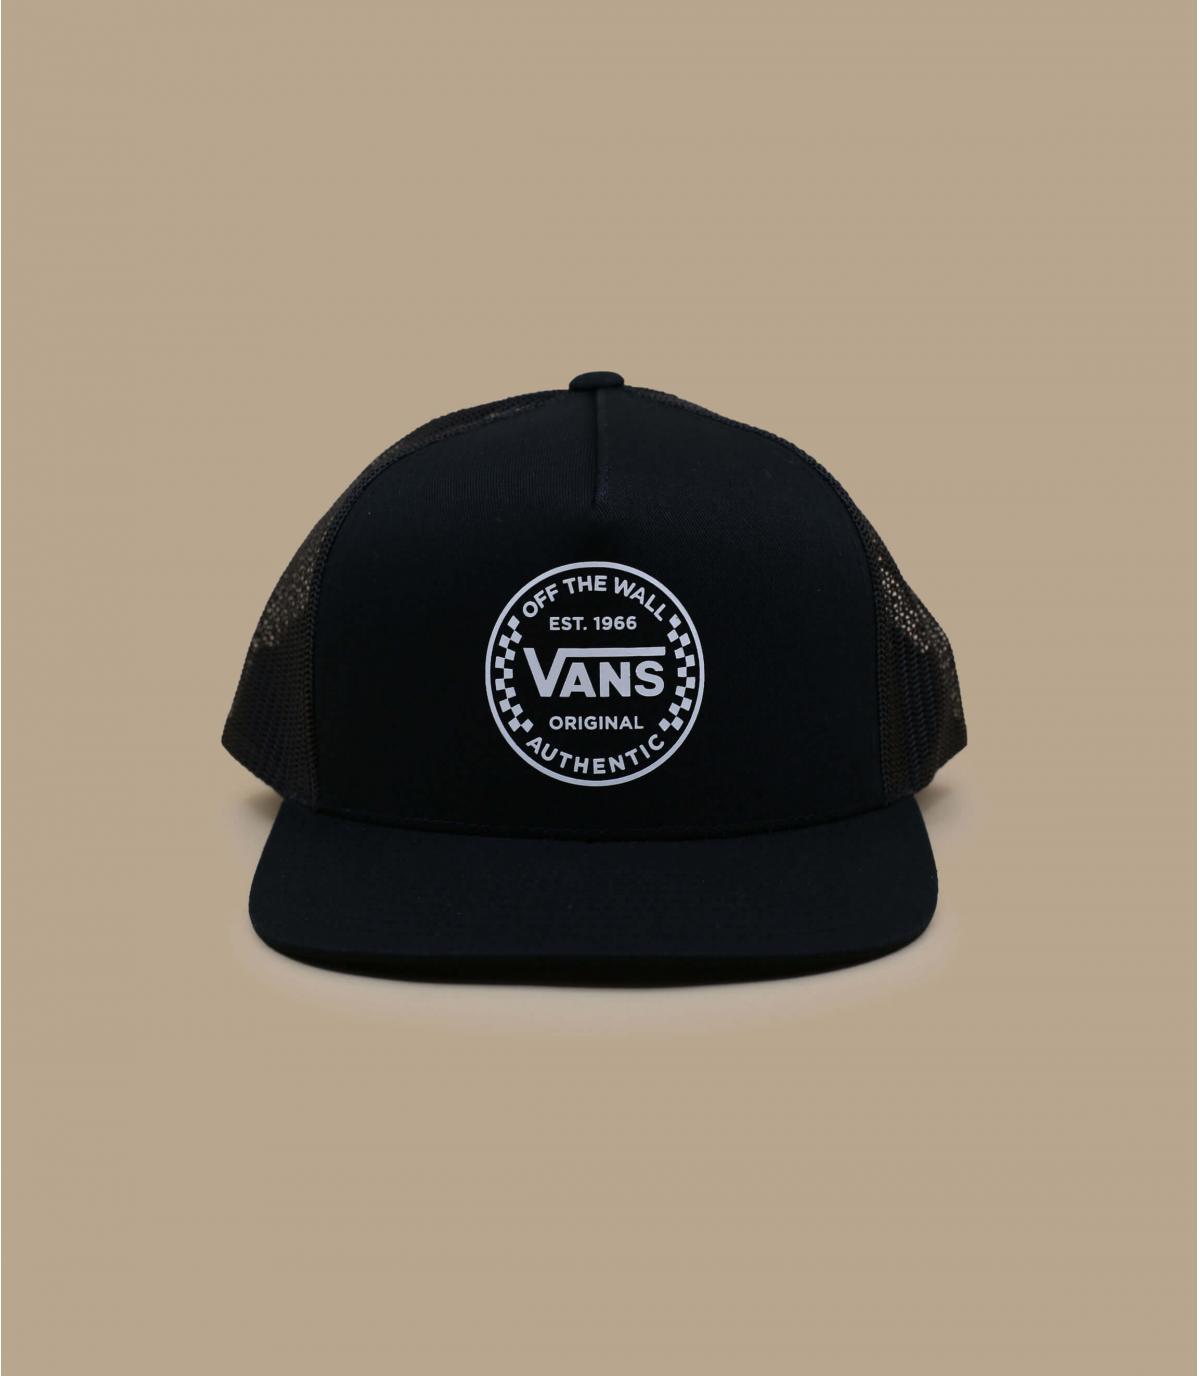 Vans black trucker cap